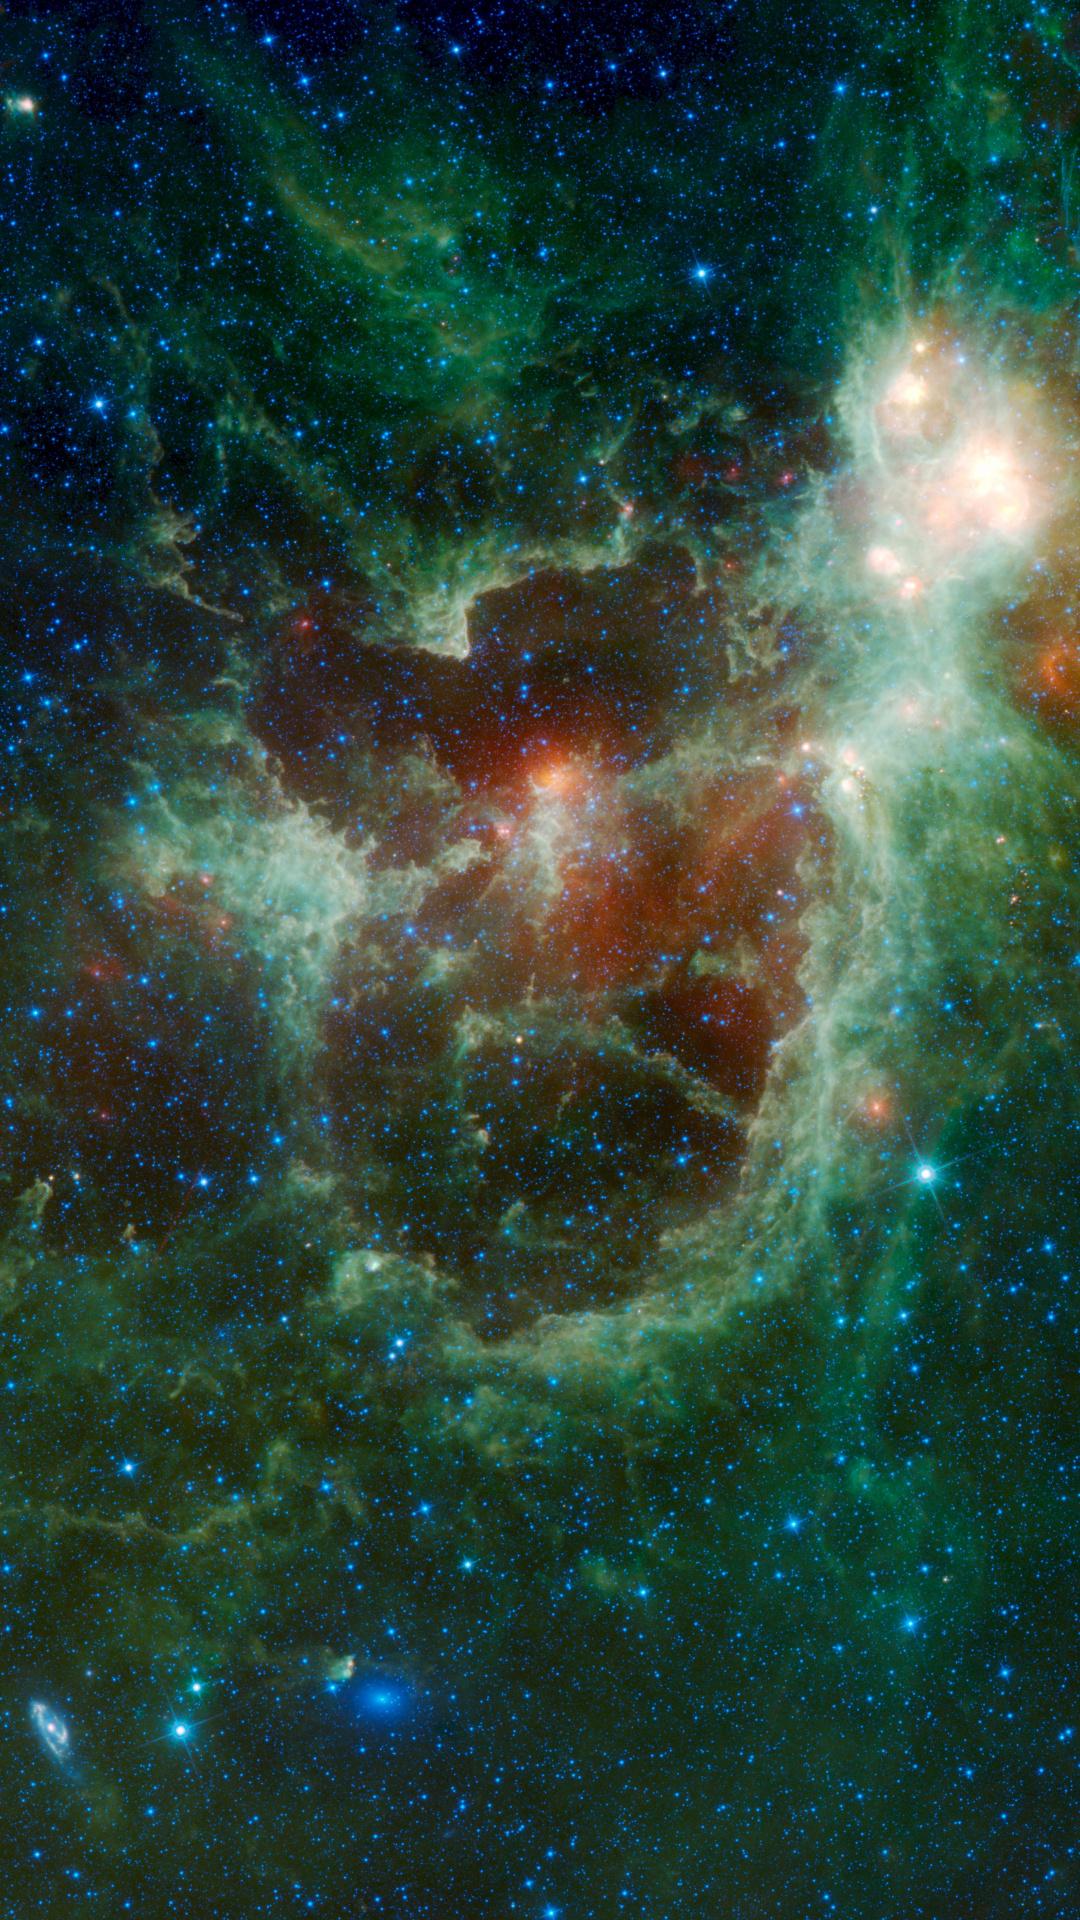 赤と緑の銀河 サムスンギャラクシーj2壁紙フルhd 1080x19 Wallpapertip